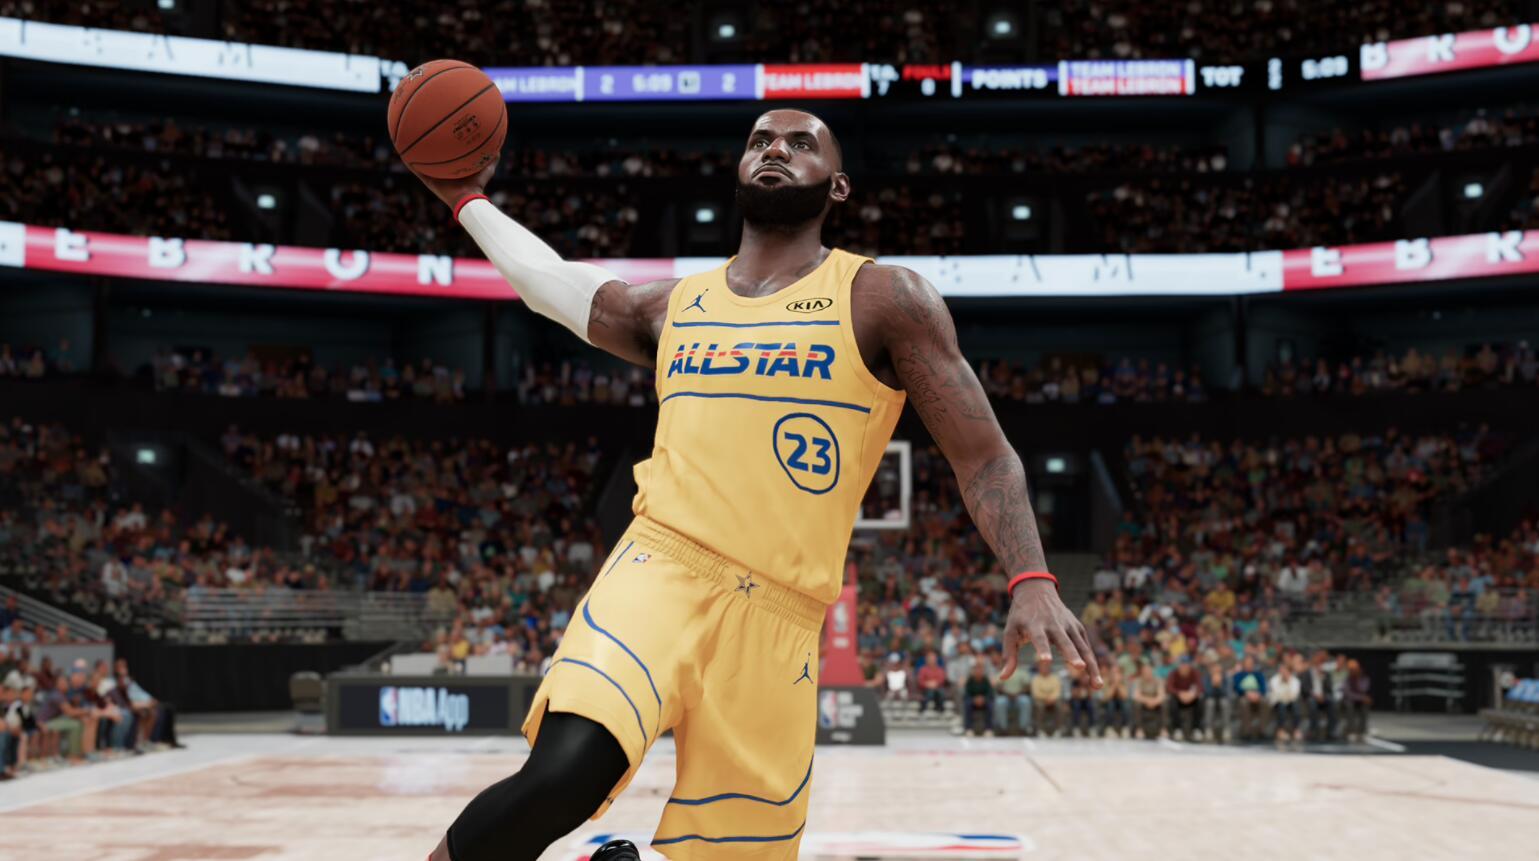 全明星赛战火重燃 《NBA 2K21》球员评级更新